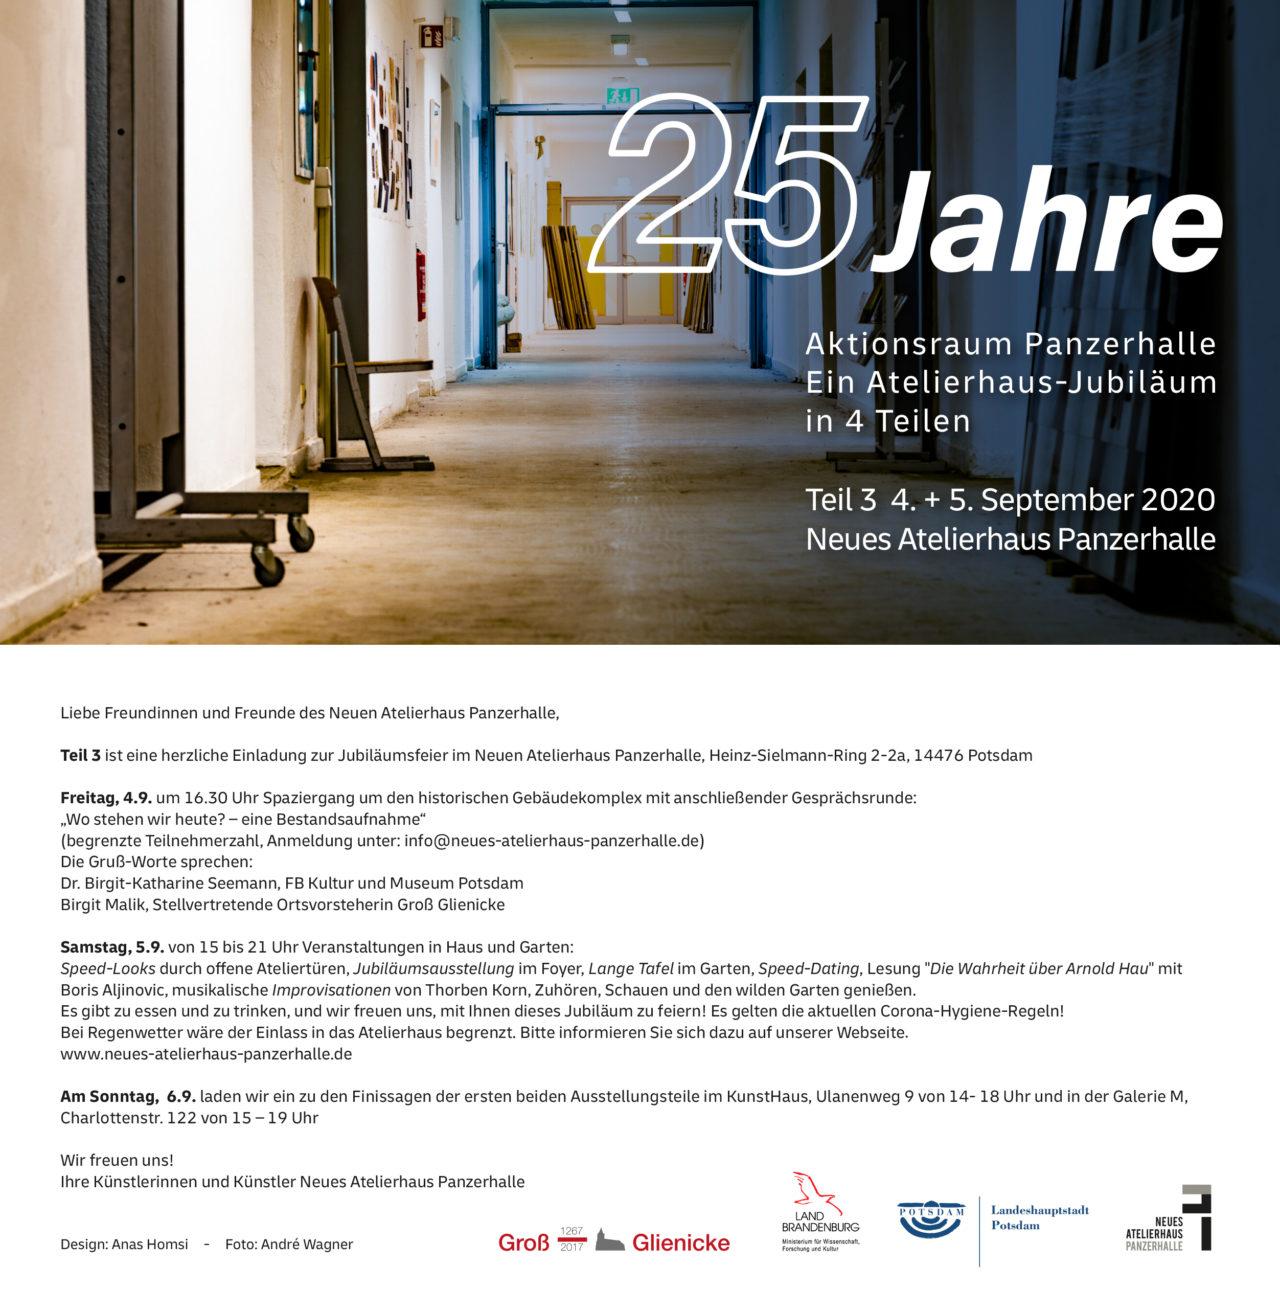 Jubiläumsfest 25 Jahre Aktionsraum Panzerhalle  Fr/Sa 4./5.9.2020